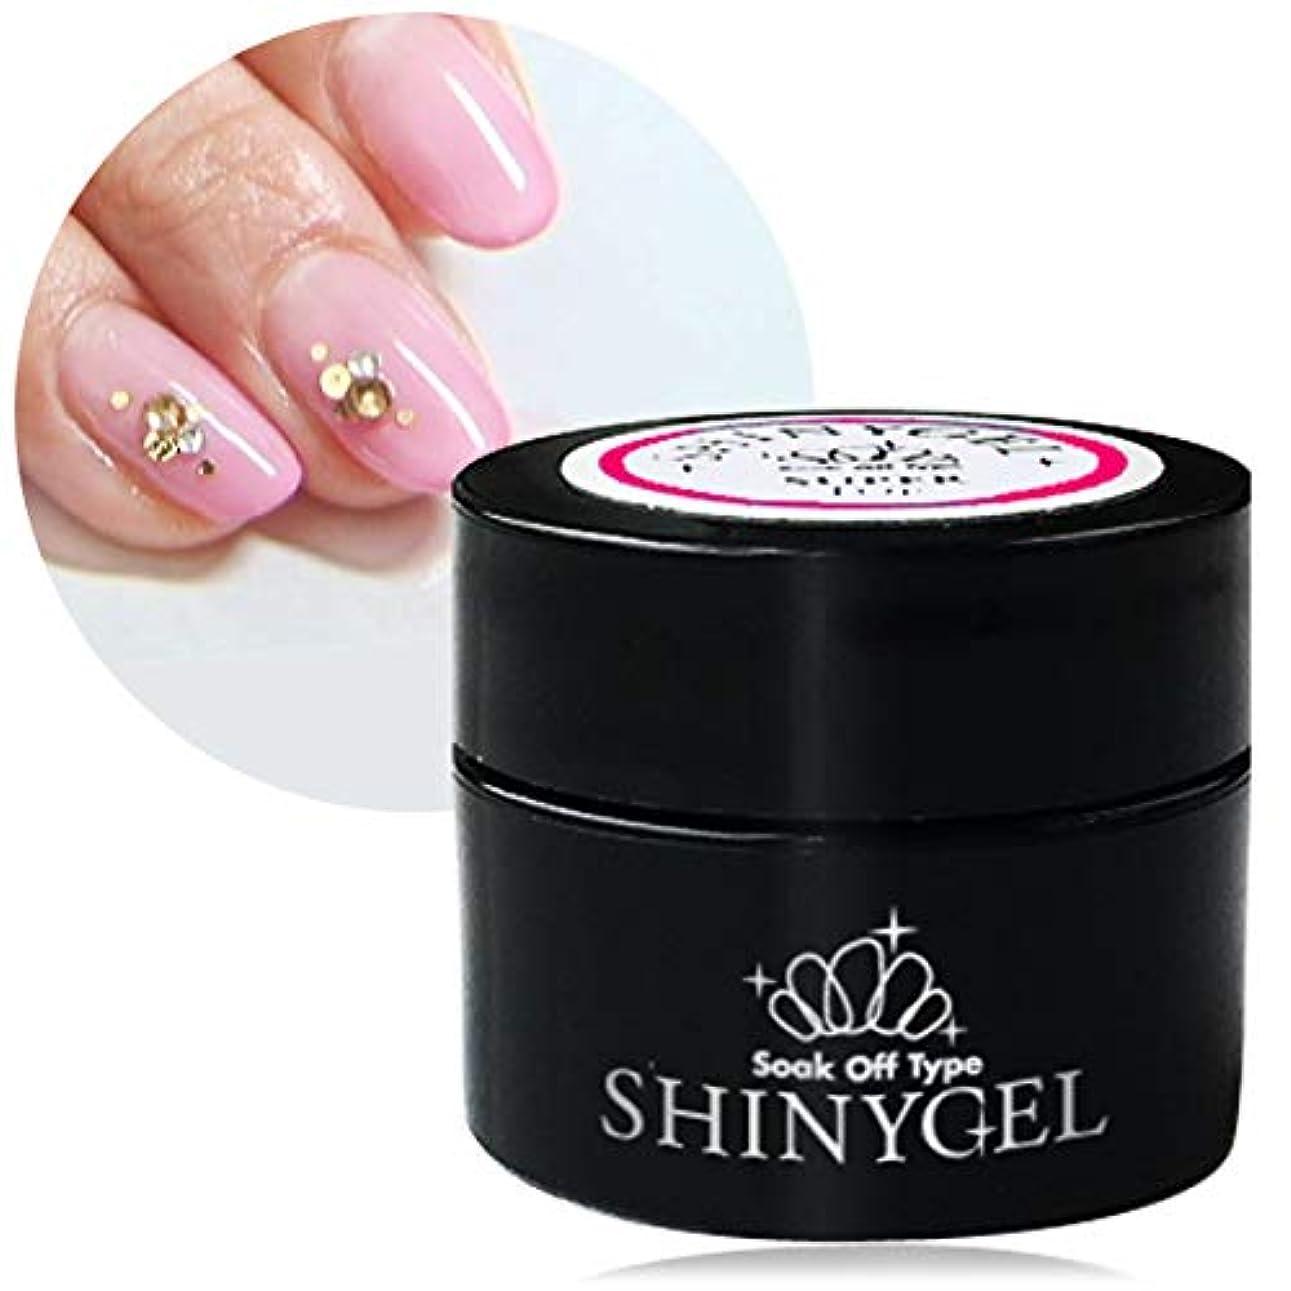 社会保存する損傷[UV/LED対応○] SHINYGEL シャイニージェル スーパートップ/5g <セミハードタイプ>爪にやさしく 極上のツヤとうっとりする透明感 100%純国産原料使用